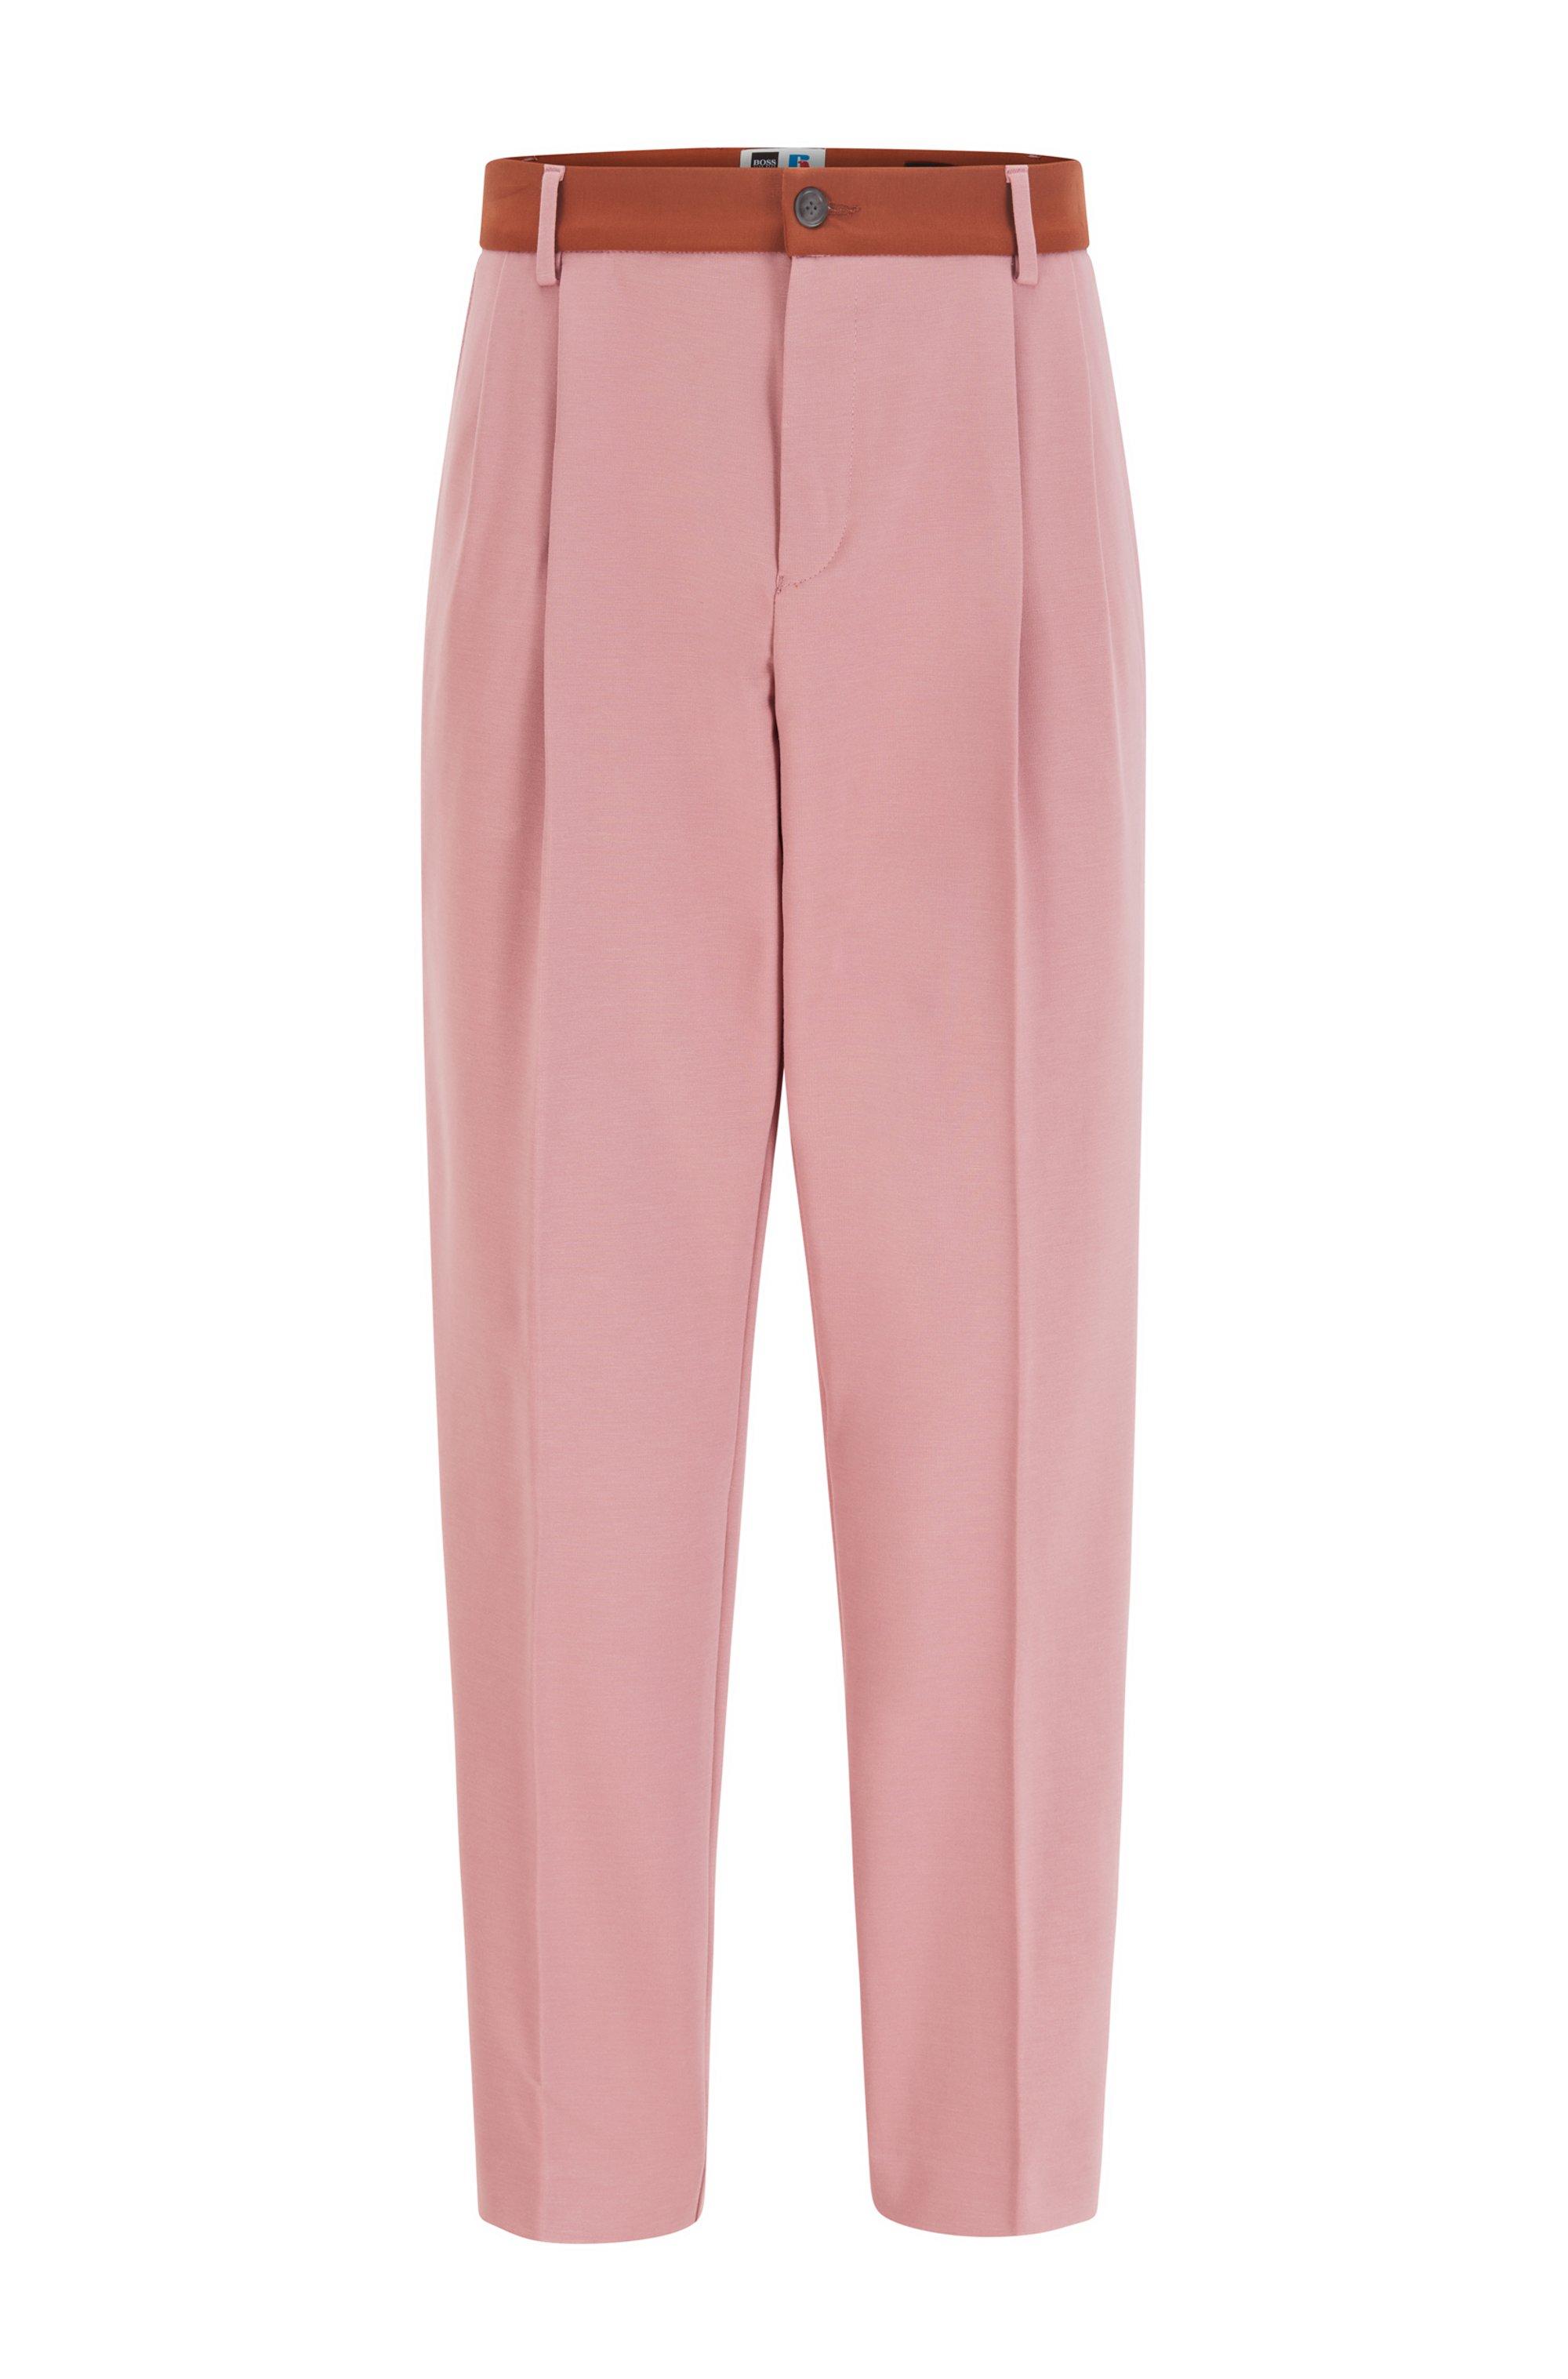 Pantalones tapered fit con ribete en contraste y logo exclusivo, Rosa claro